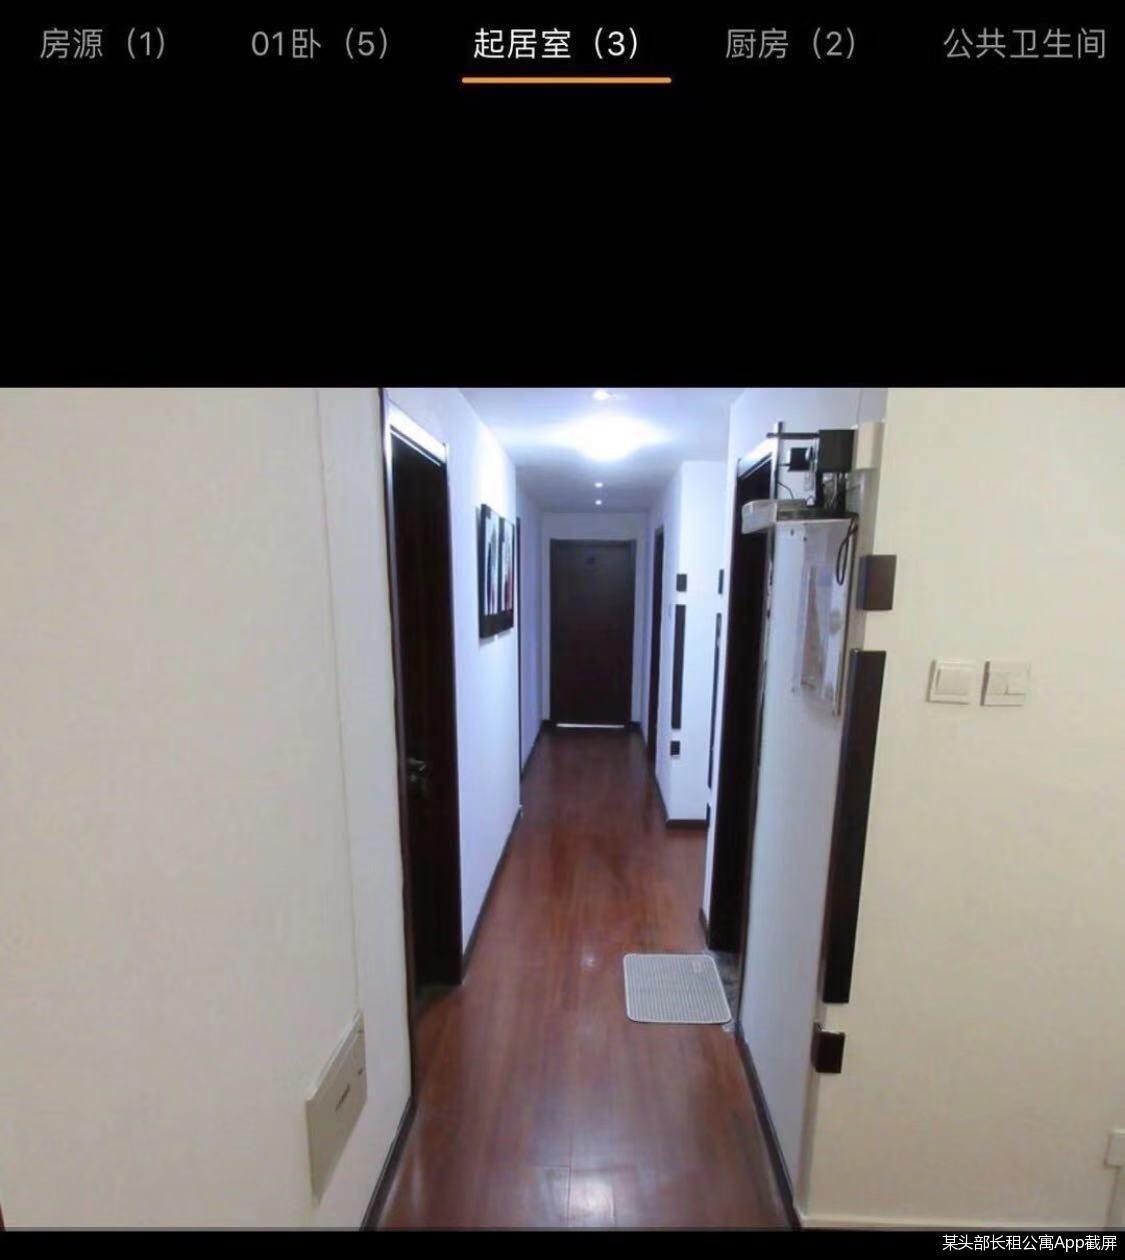 寻找长租公寓破局之路特别报道(三)从N+1到N+N 屡禁不止的长租公寓隔断间